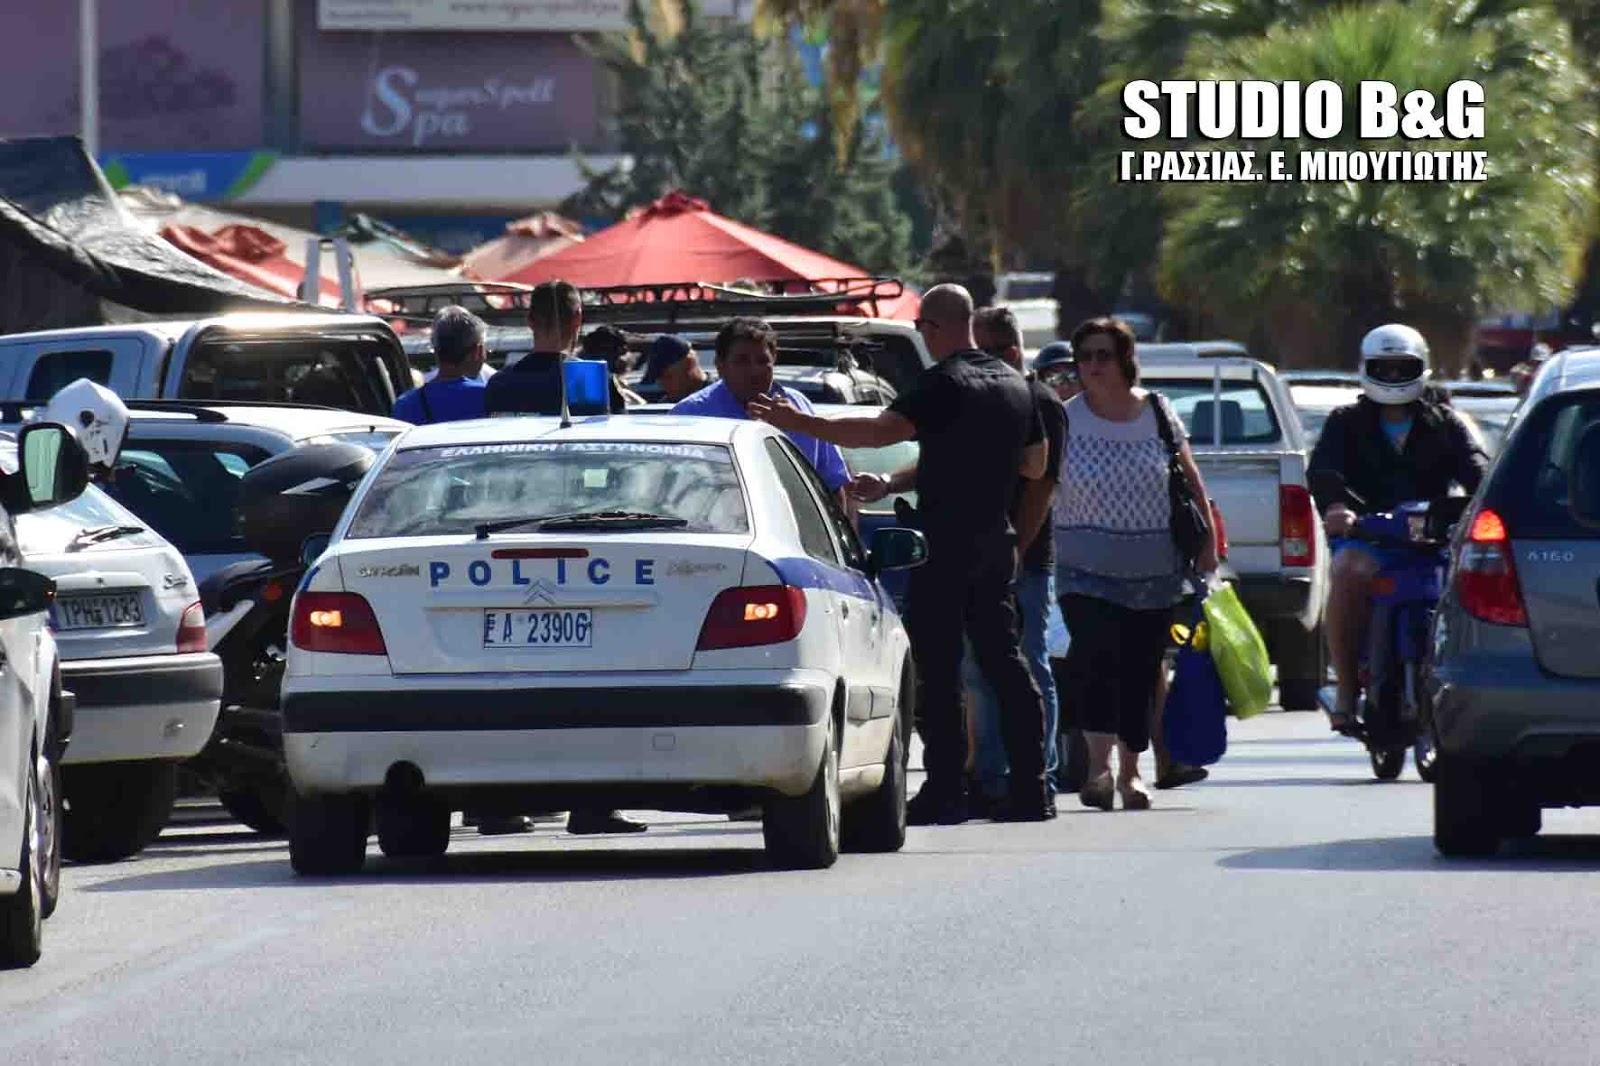 Ένταση στη λαϊκή αγορά του Ναυπλίου - Απομάκρυνση πωλητών ρούχων χωρίς άδεια  με την συνδρομή της d10d3ea635d